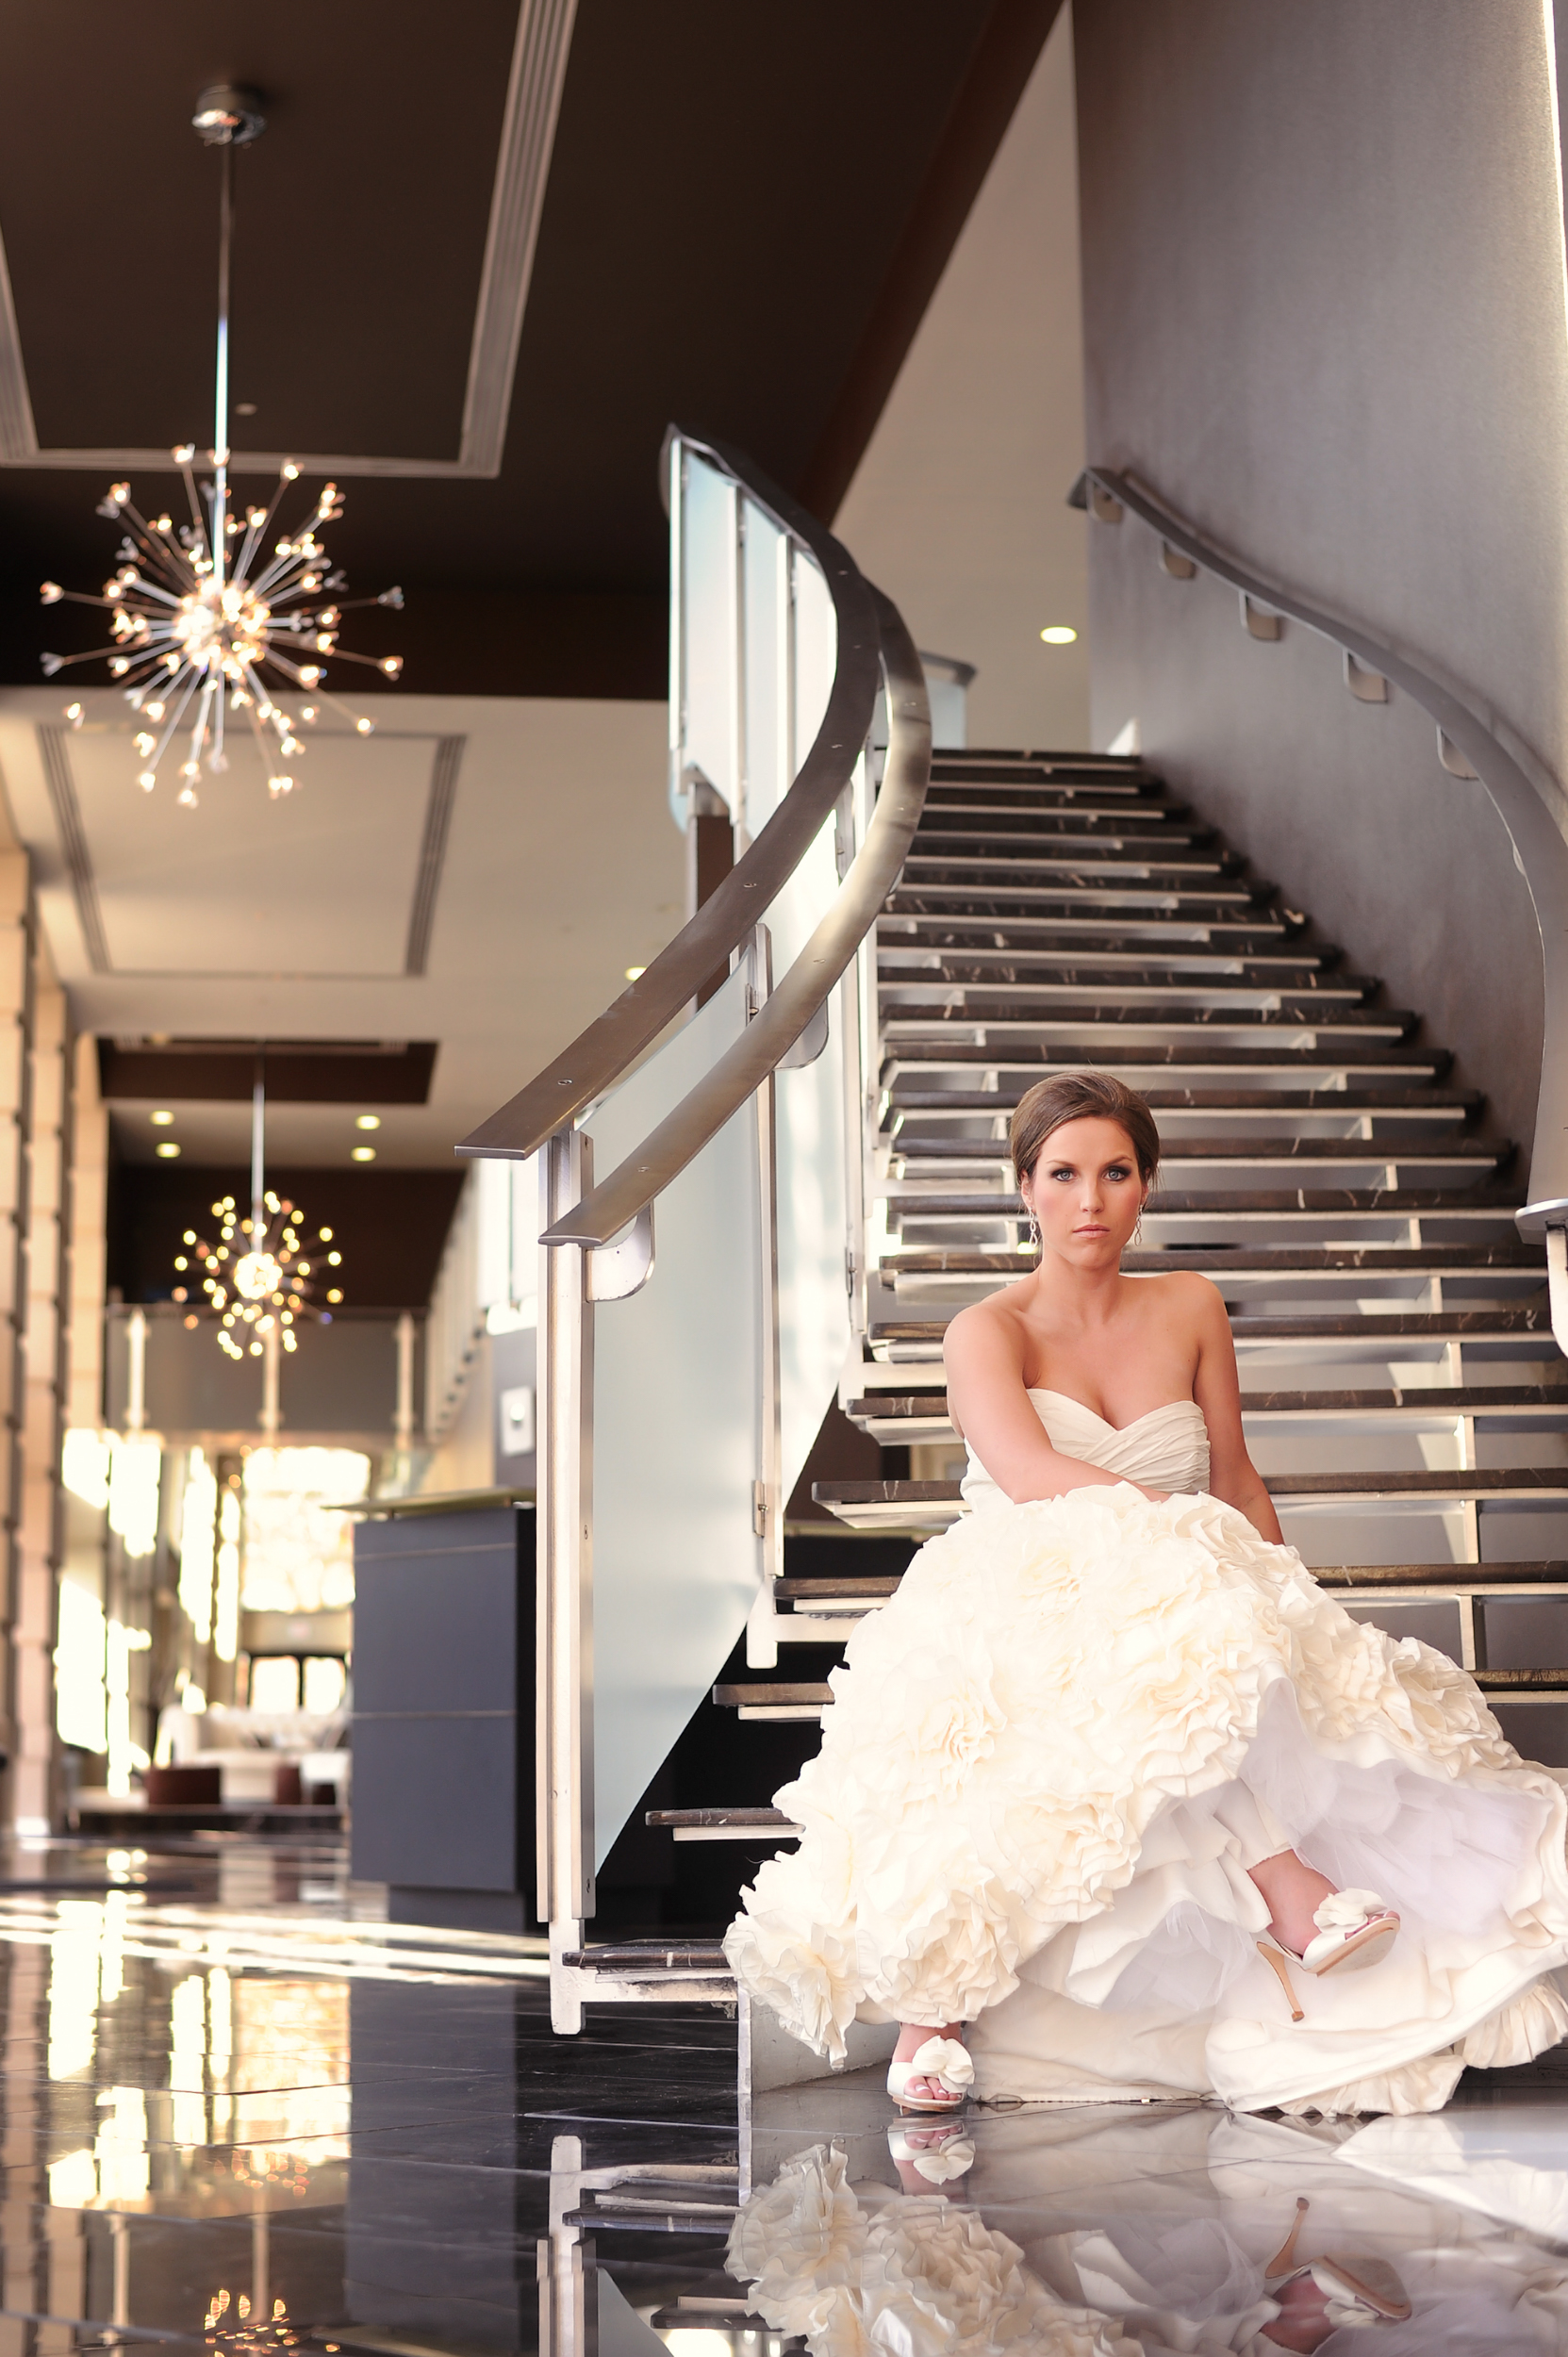 bridals©2015mileswittboyer-7.jpg